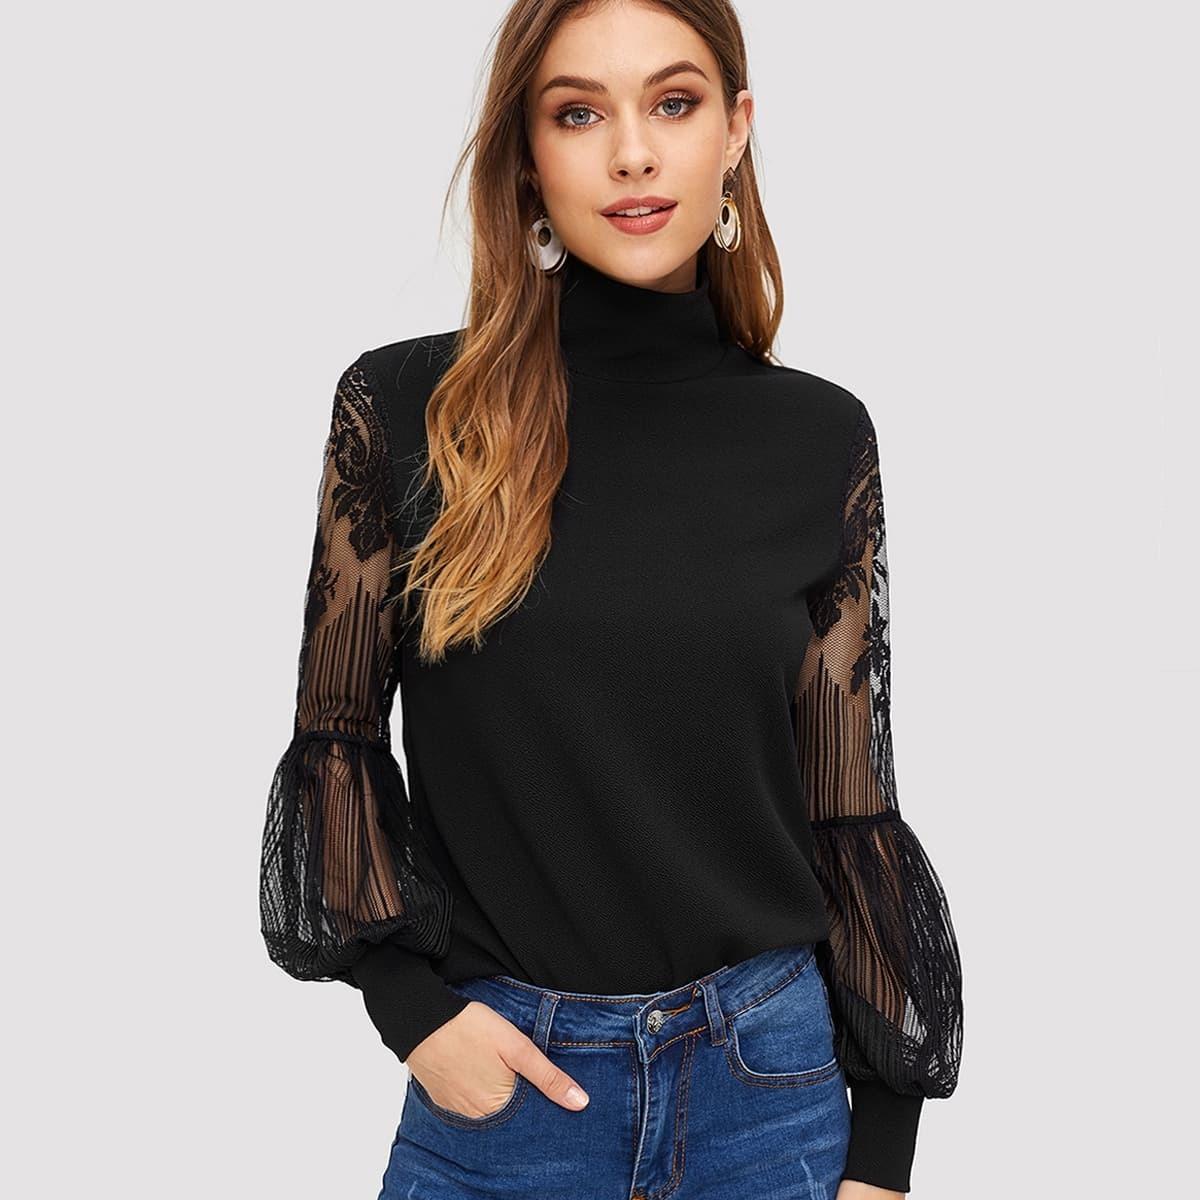 SHEIN / Blusas Encaje en contraste Liso Negro Elegante